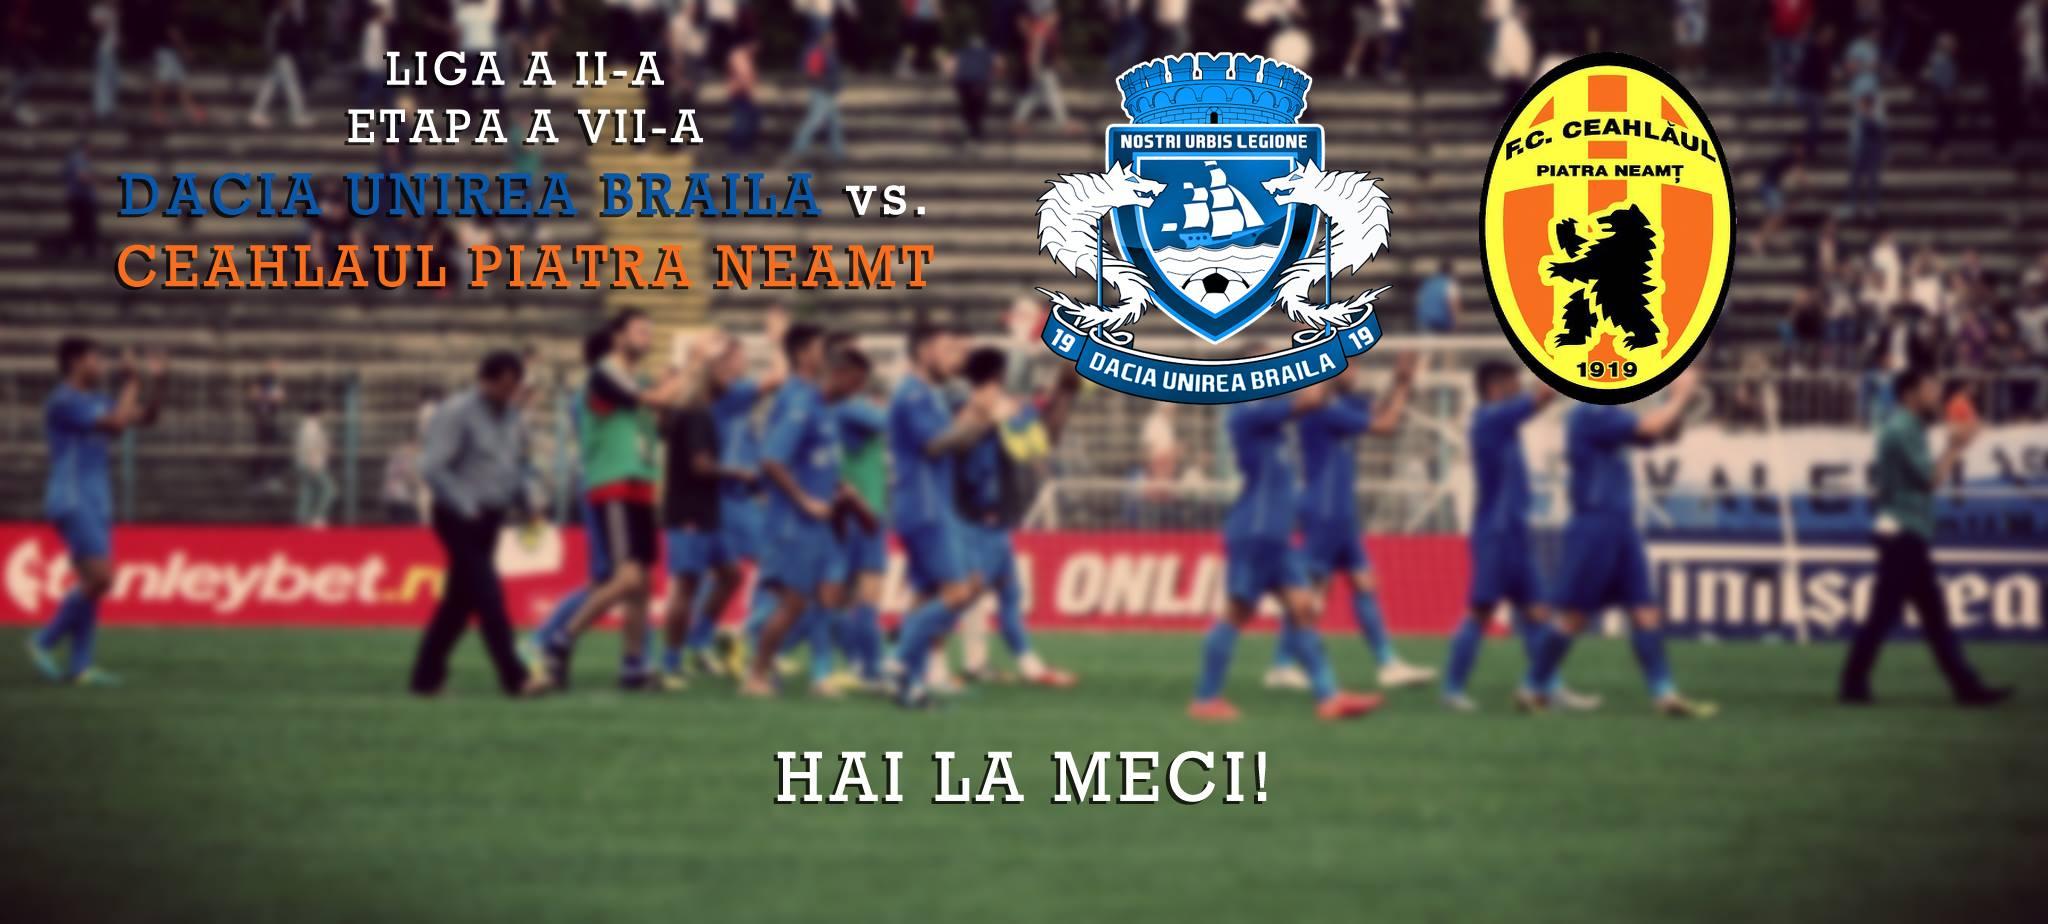 Hai la meci !!! DACIA UNIREA BRĂILA - Ceahlăul Piatra-Neamț